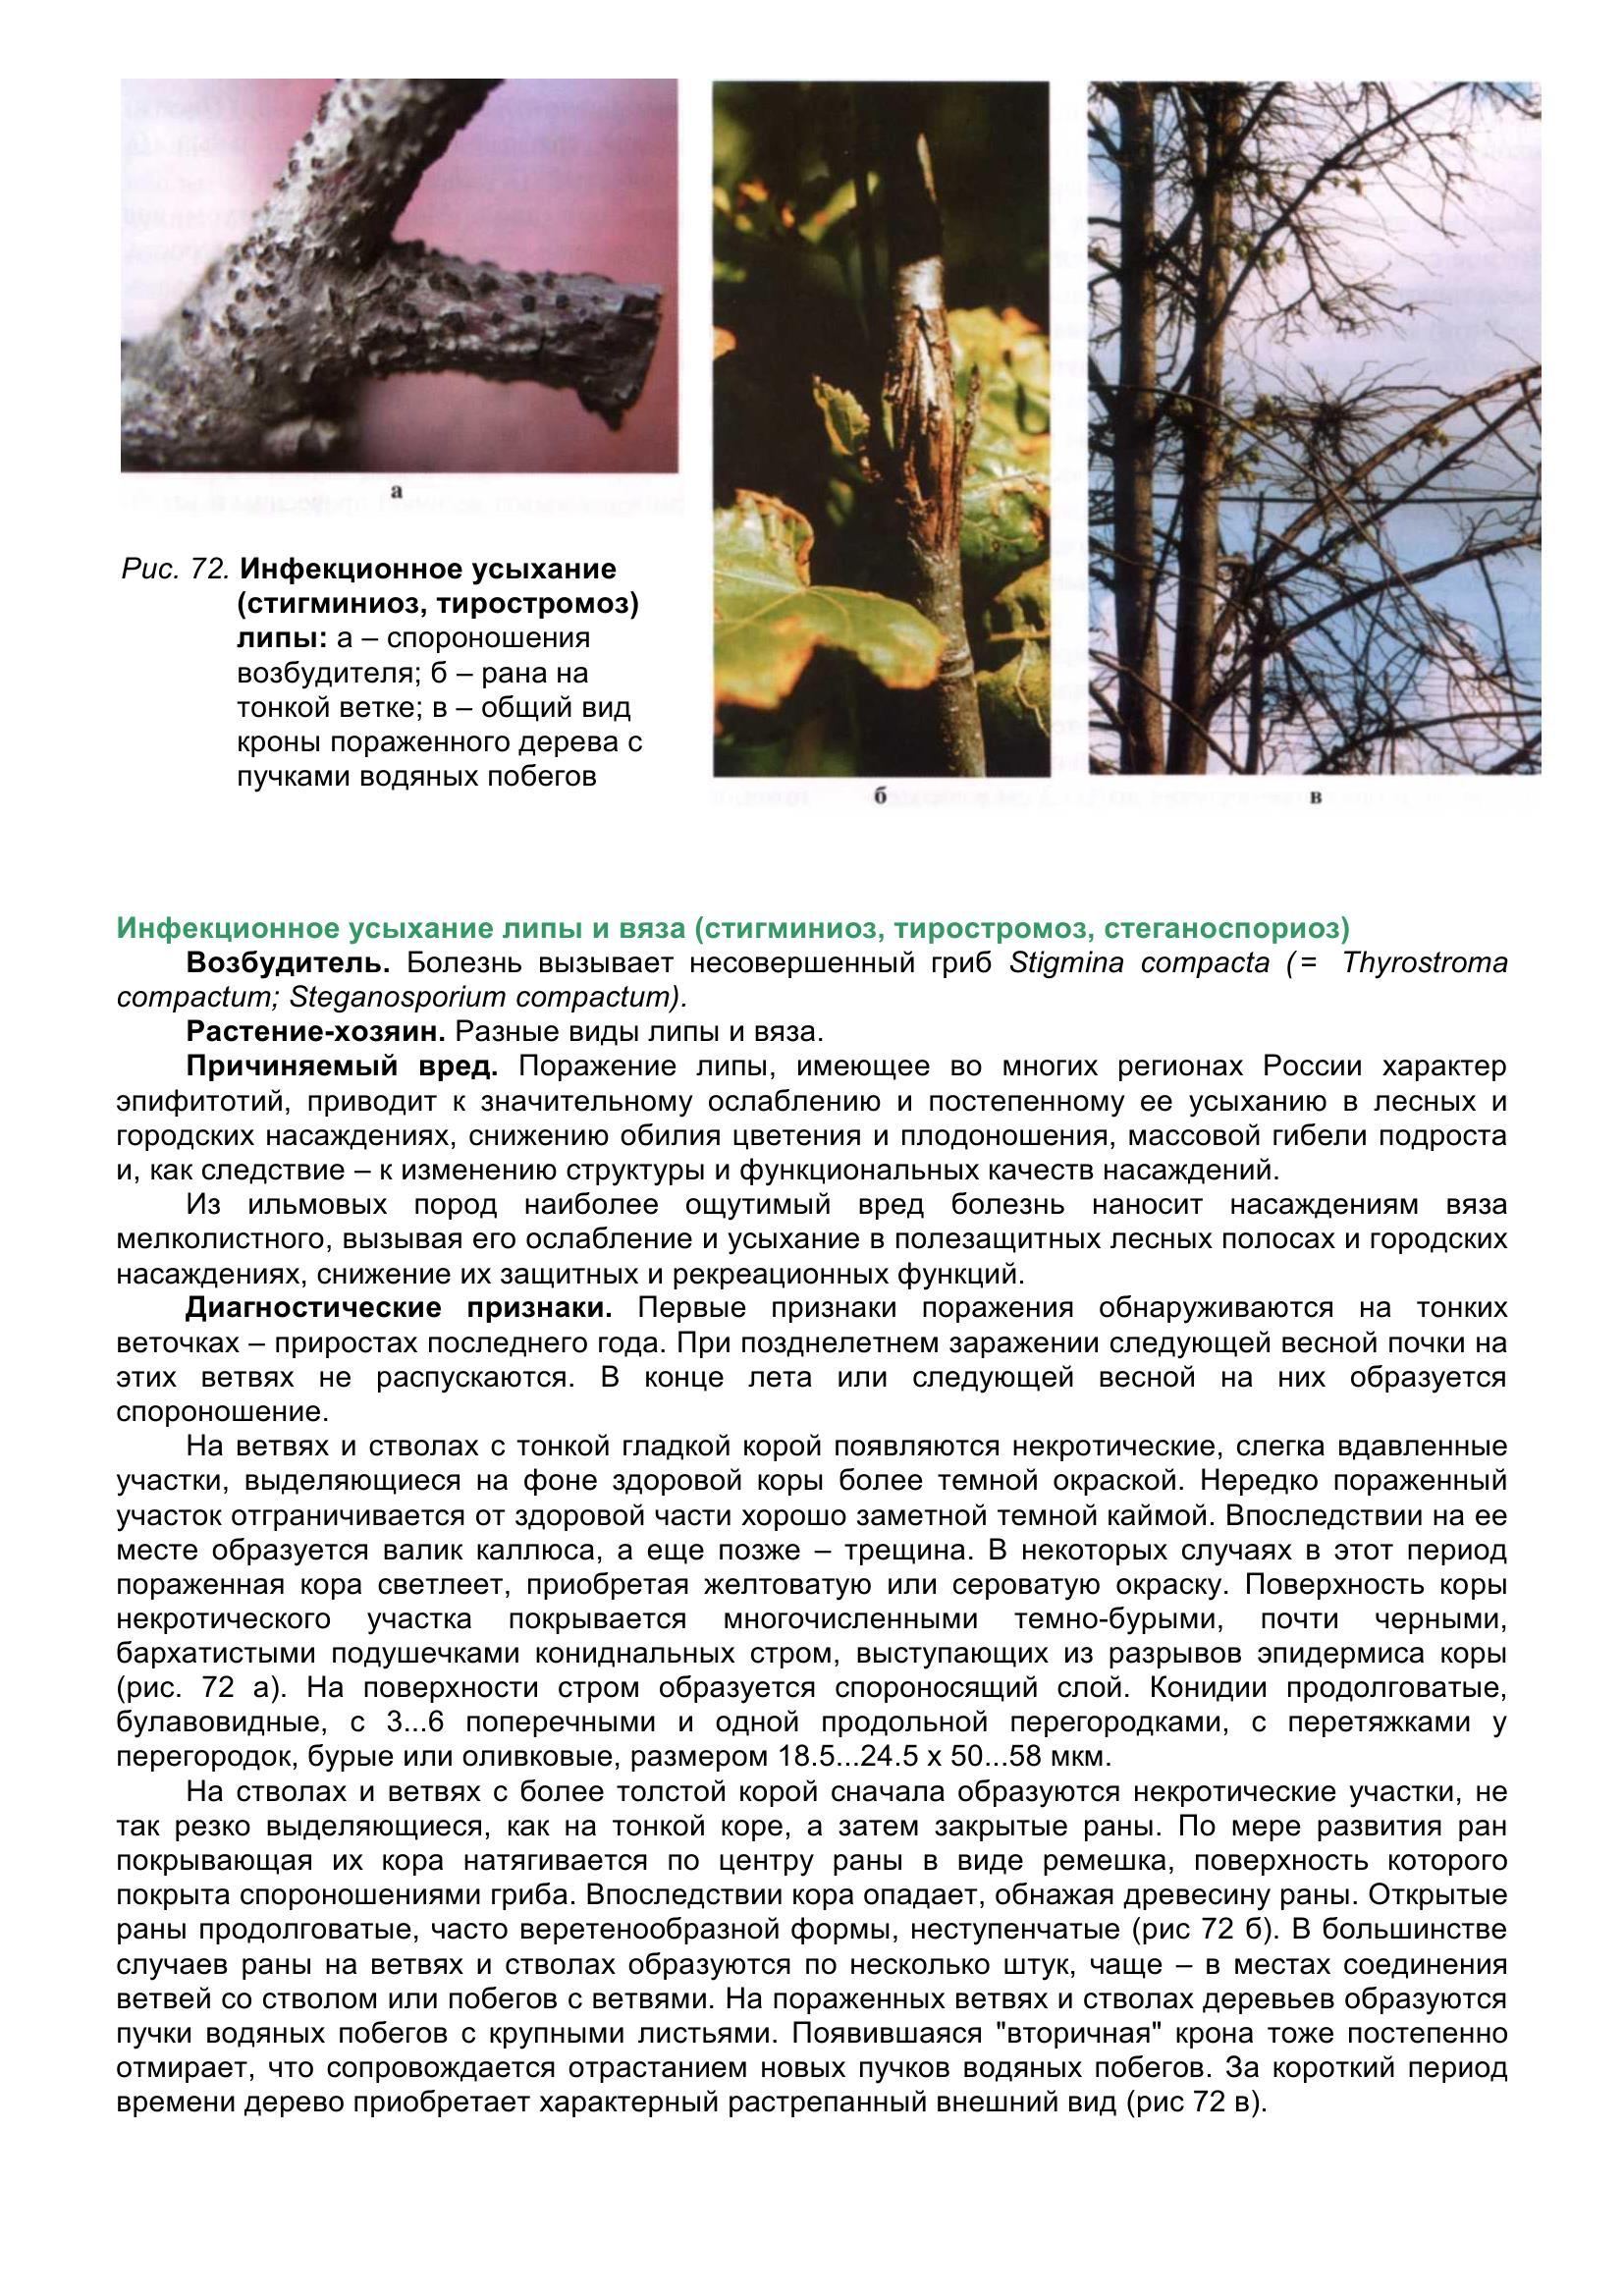 Болезни_древесных_растений_083.jpg